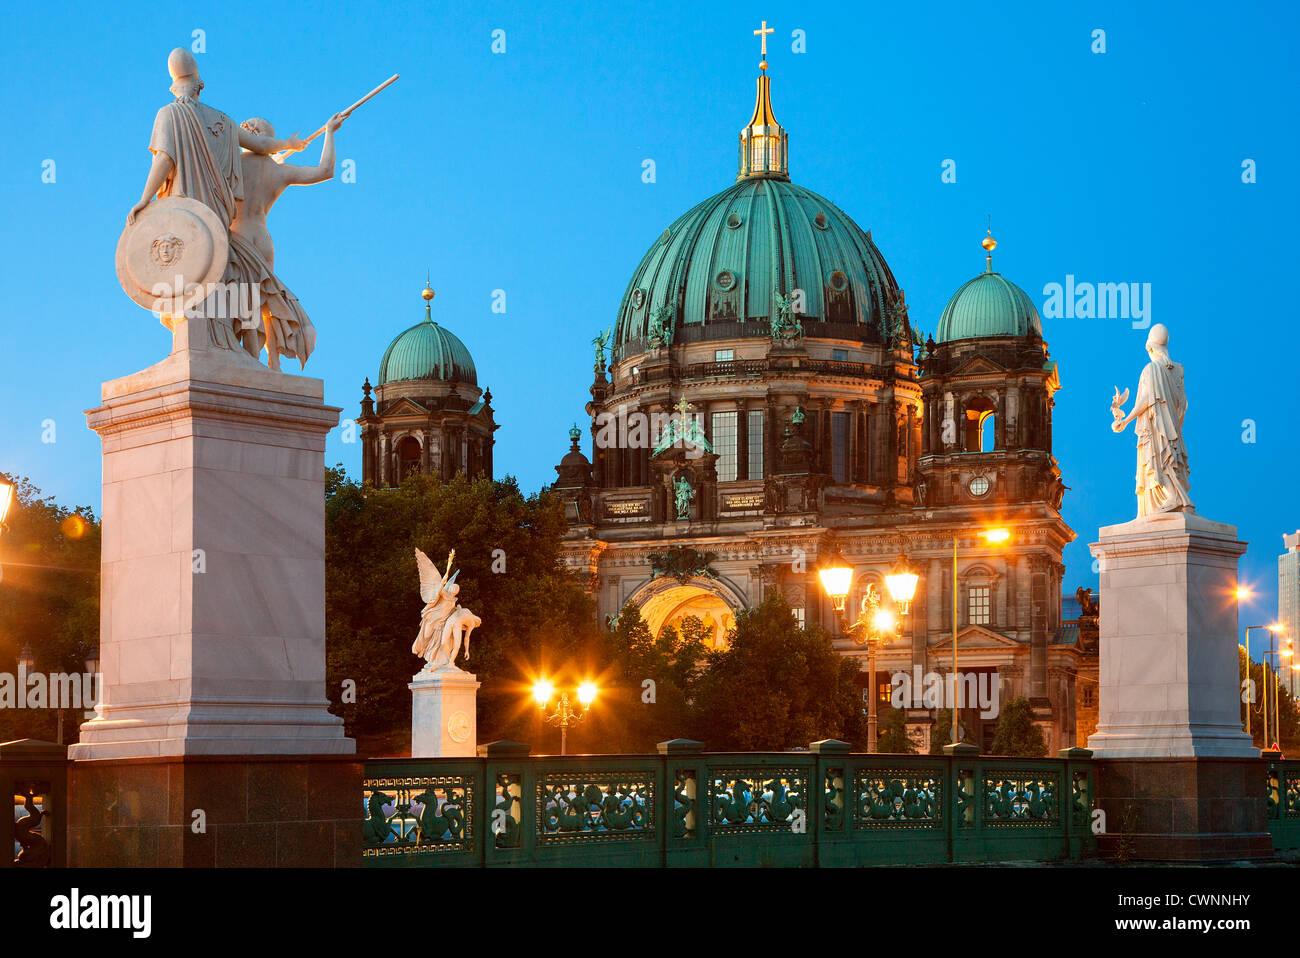 Europa, Deutschland, Berlin, Berliner Dom in der Abenddämmerung Stockbild